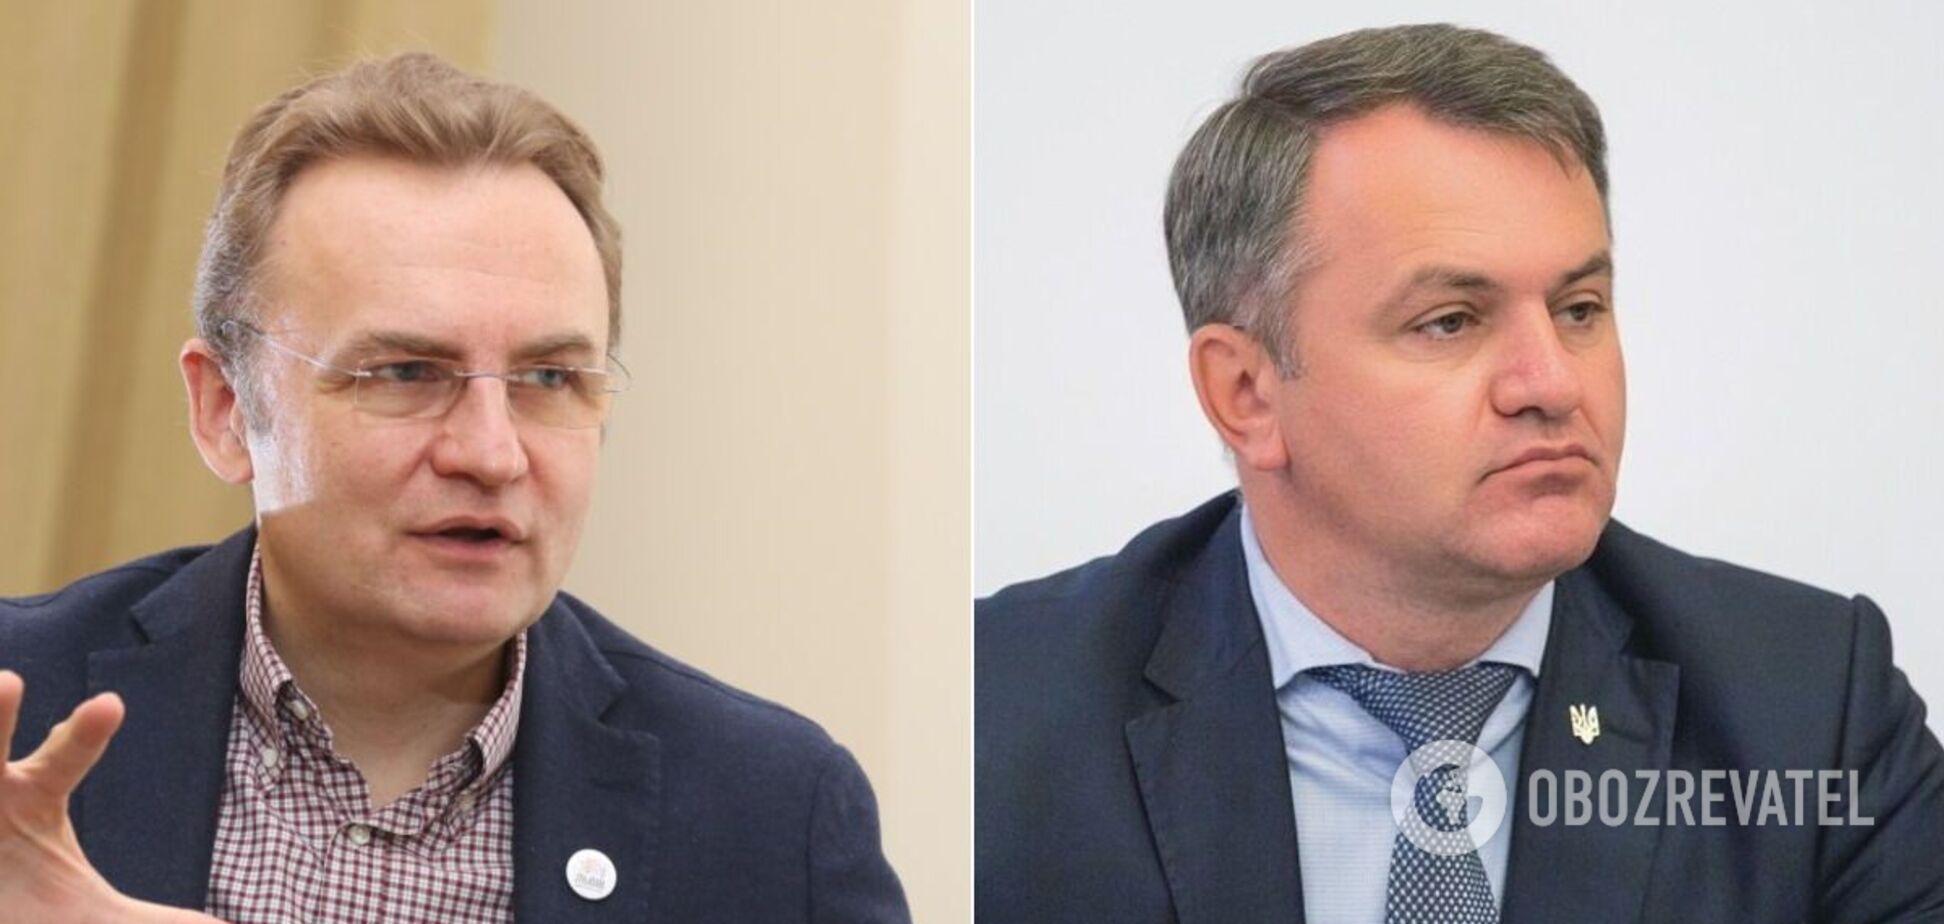 Синютка победил Садового в дебатах кандидатов в мэры Львова – телефонный опрос